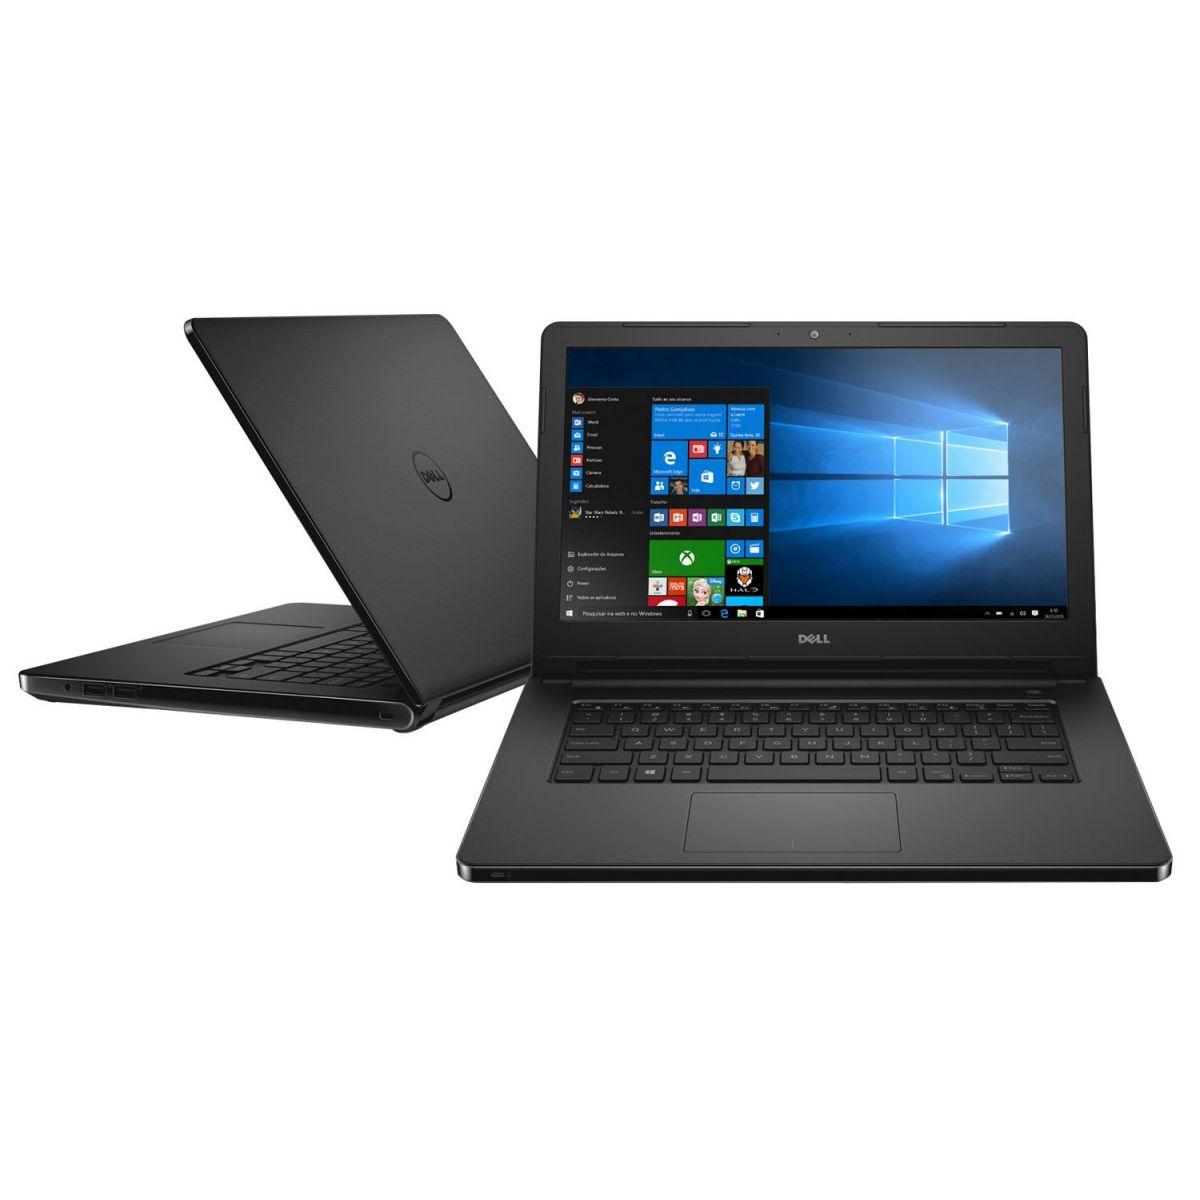 Notebook Dell Inspiron 14 - Intel Core i5, 8GB de Memória, HD de 1TB, Windows 10, Tela LED de 14